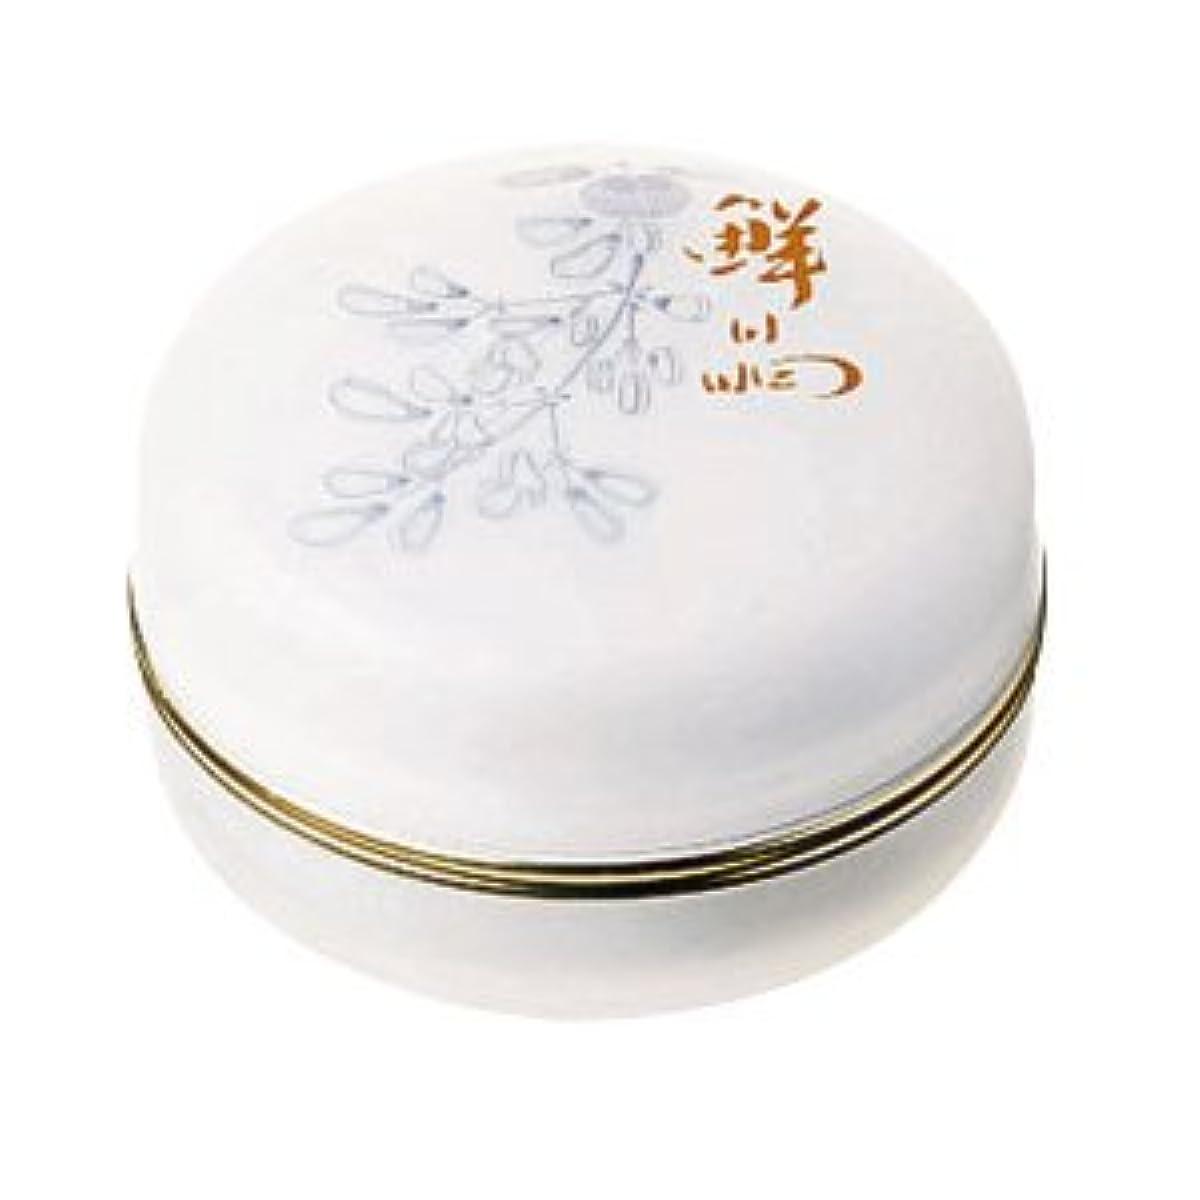 干ばつ石膏愛撫オッペン 薬用妙 薬用鮮晶(せんしょう)<医薬部外品>(80g)